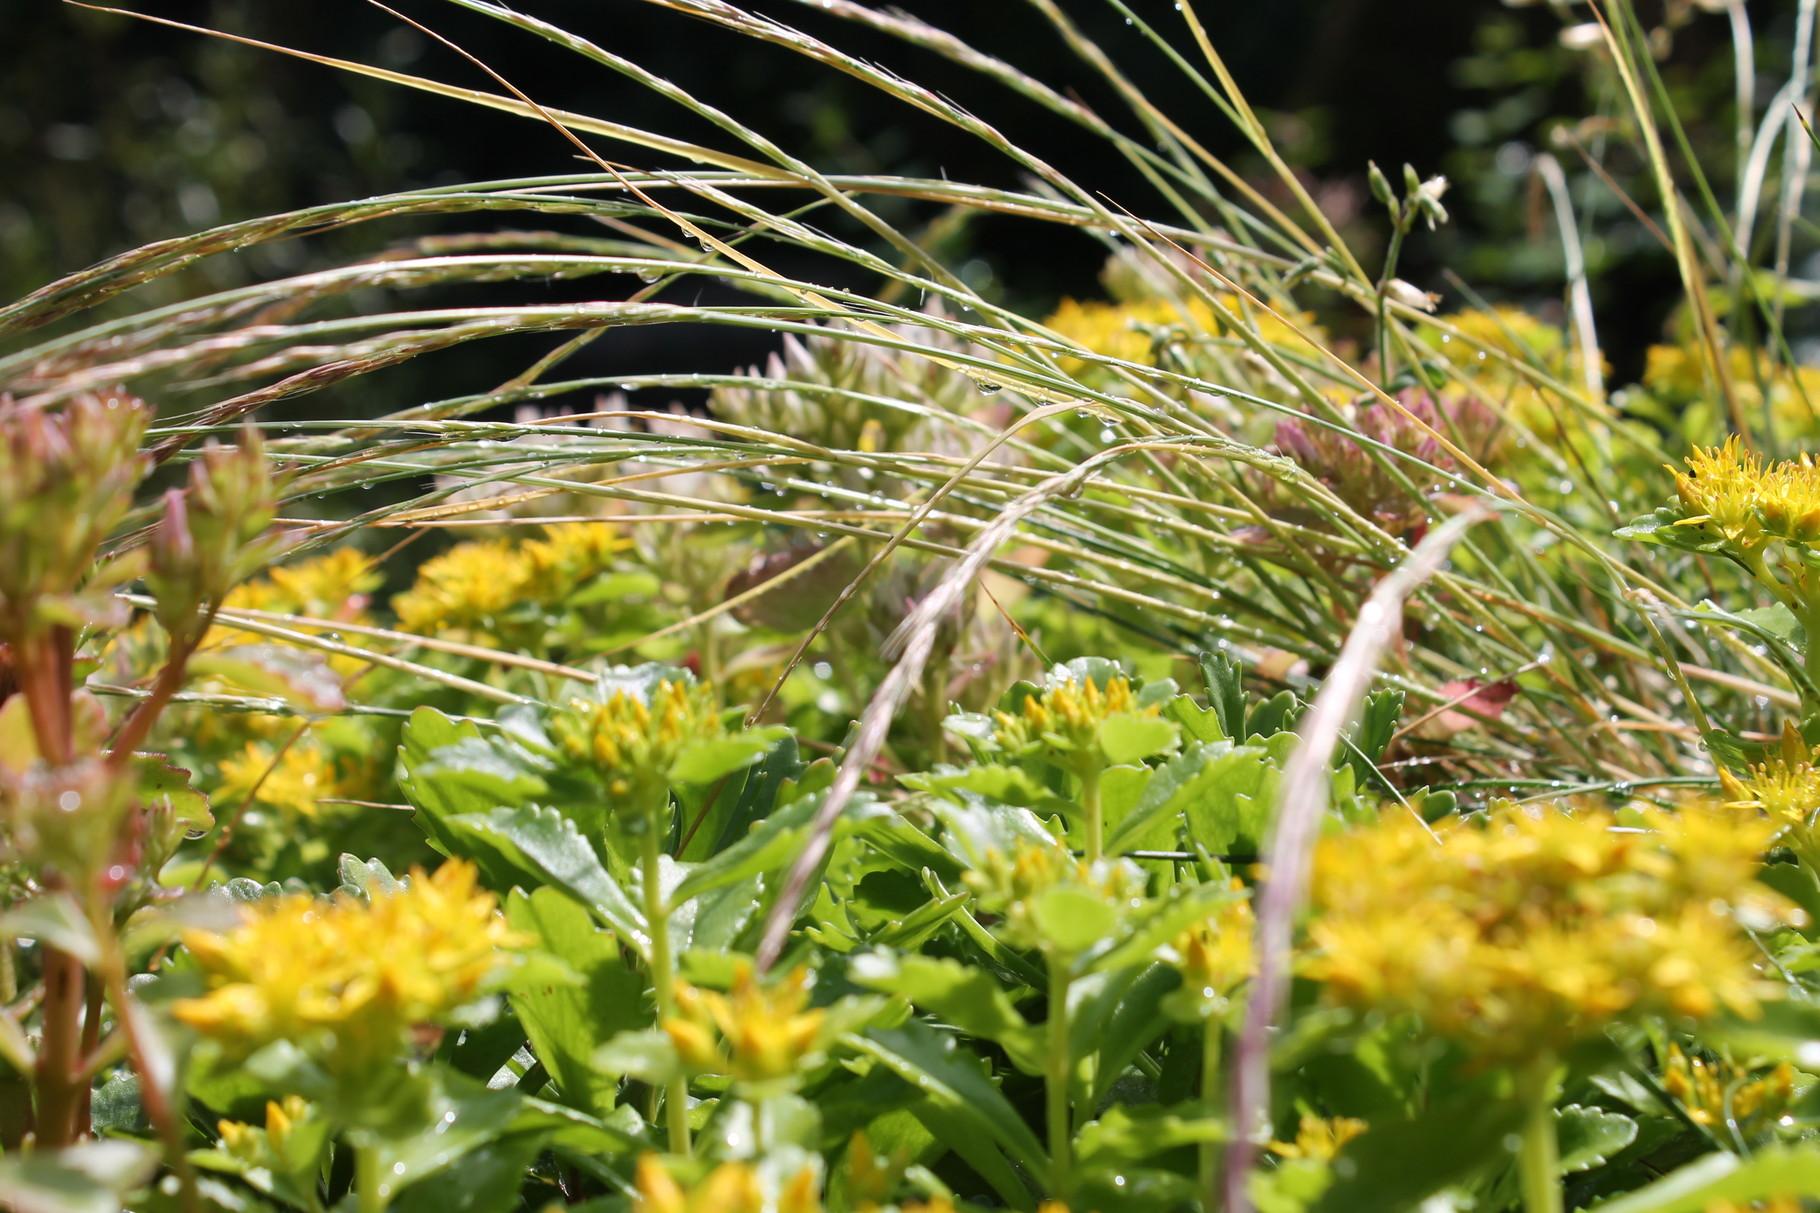 Insektenhotel mit Gras - selten aber wir wollten dies